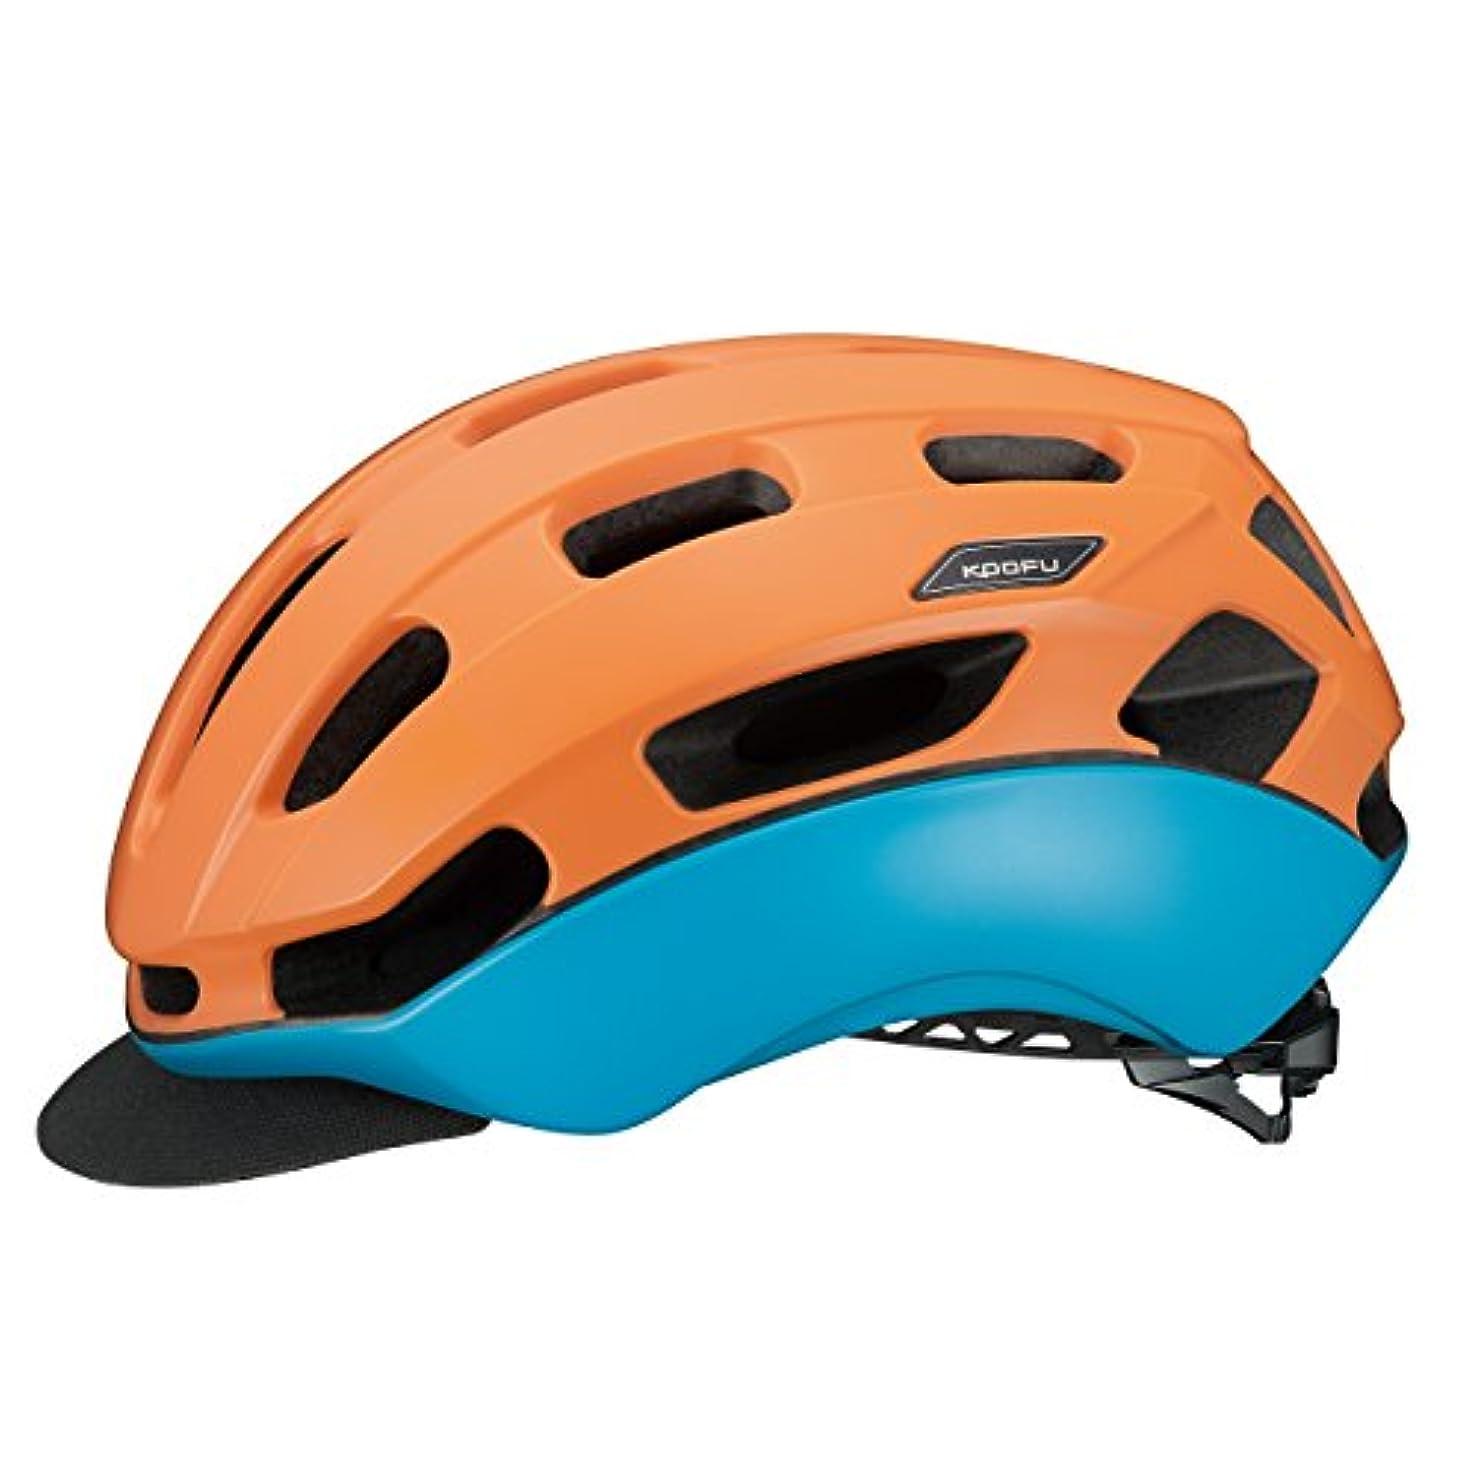 口頭消す憲法OGK KABUTO(オージーケーカブト) ヘルメット BC-GLOSBE